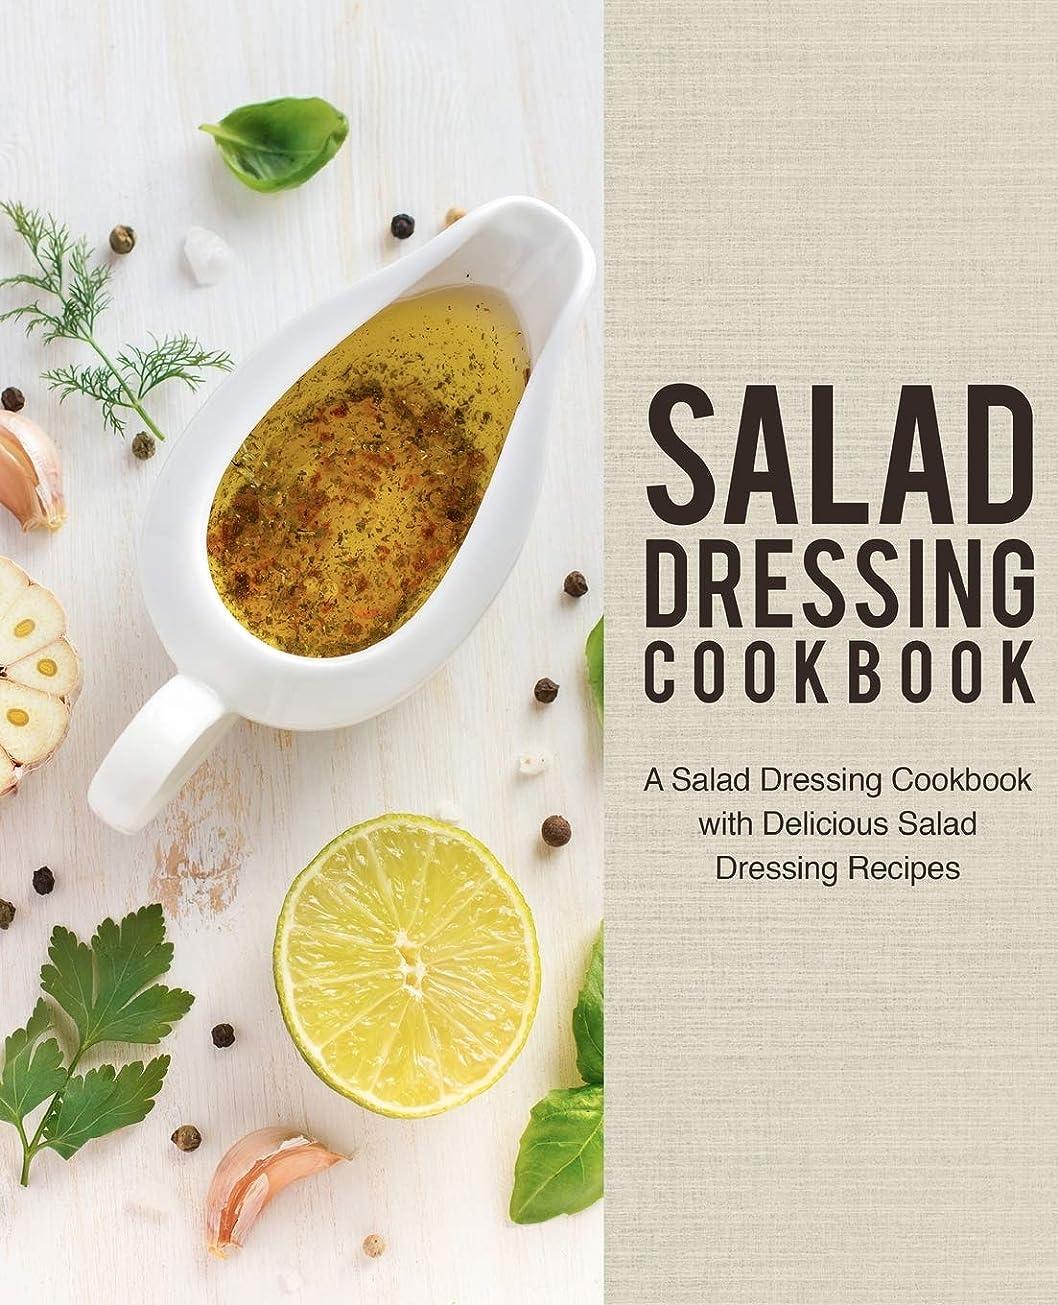 恐れるトムオードリース影響力のあるSalad Dressing Cookbook: A Salad Dressing Cookbook with Delicious Salad Dressing Recipes